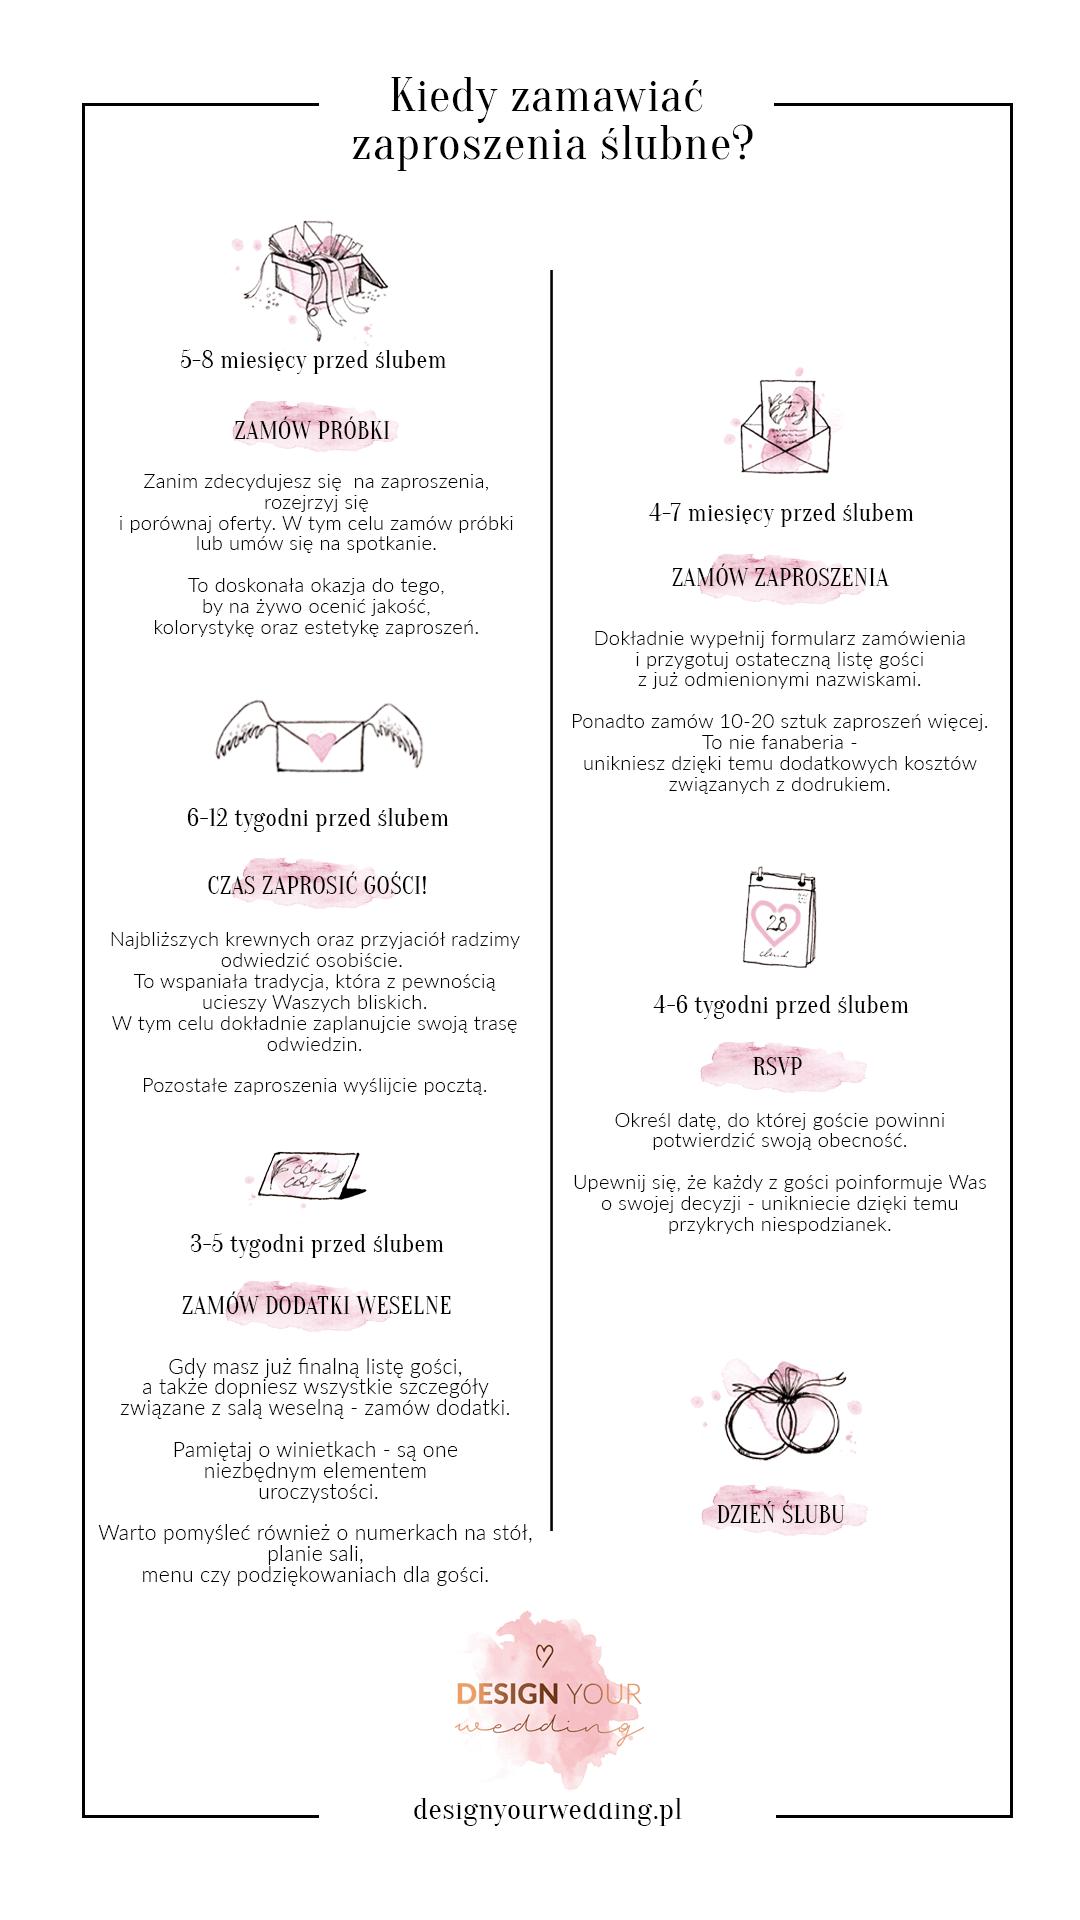 kiedy zamawiać zaproszenia ślubne _ design your wedding